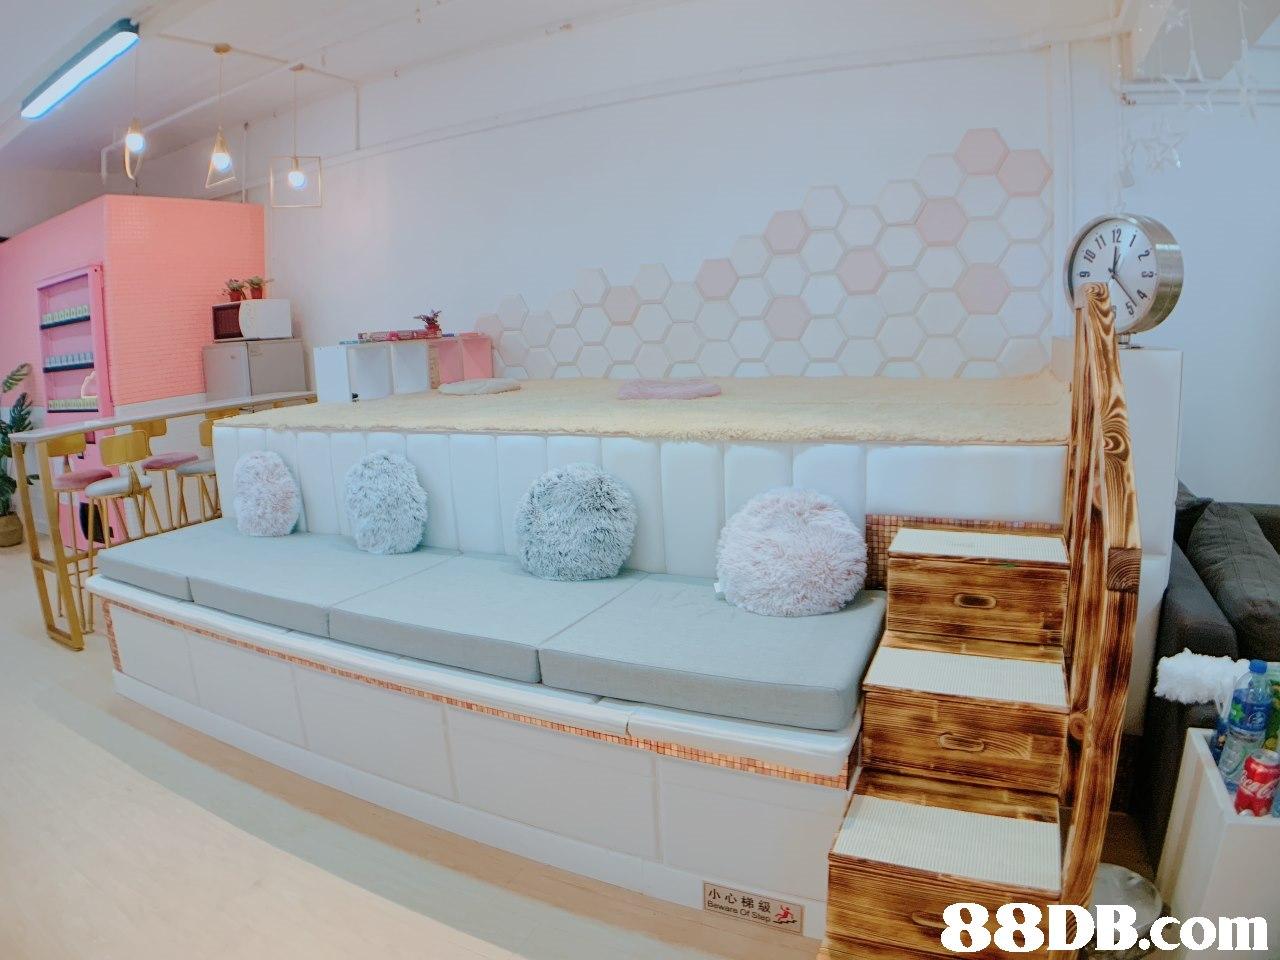 小心梯級 想点!,Furniture,Room,Property,Bed,Product